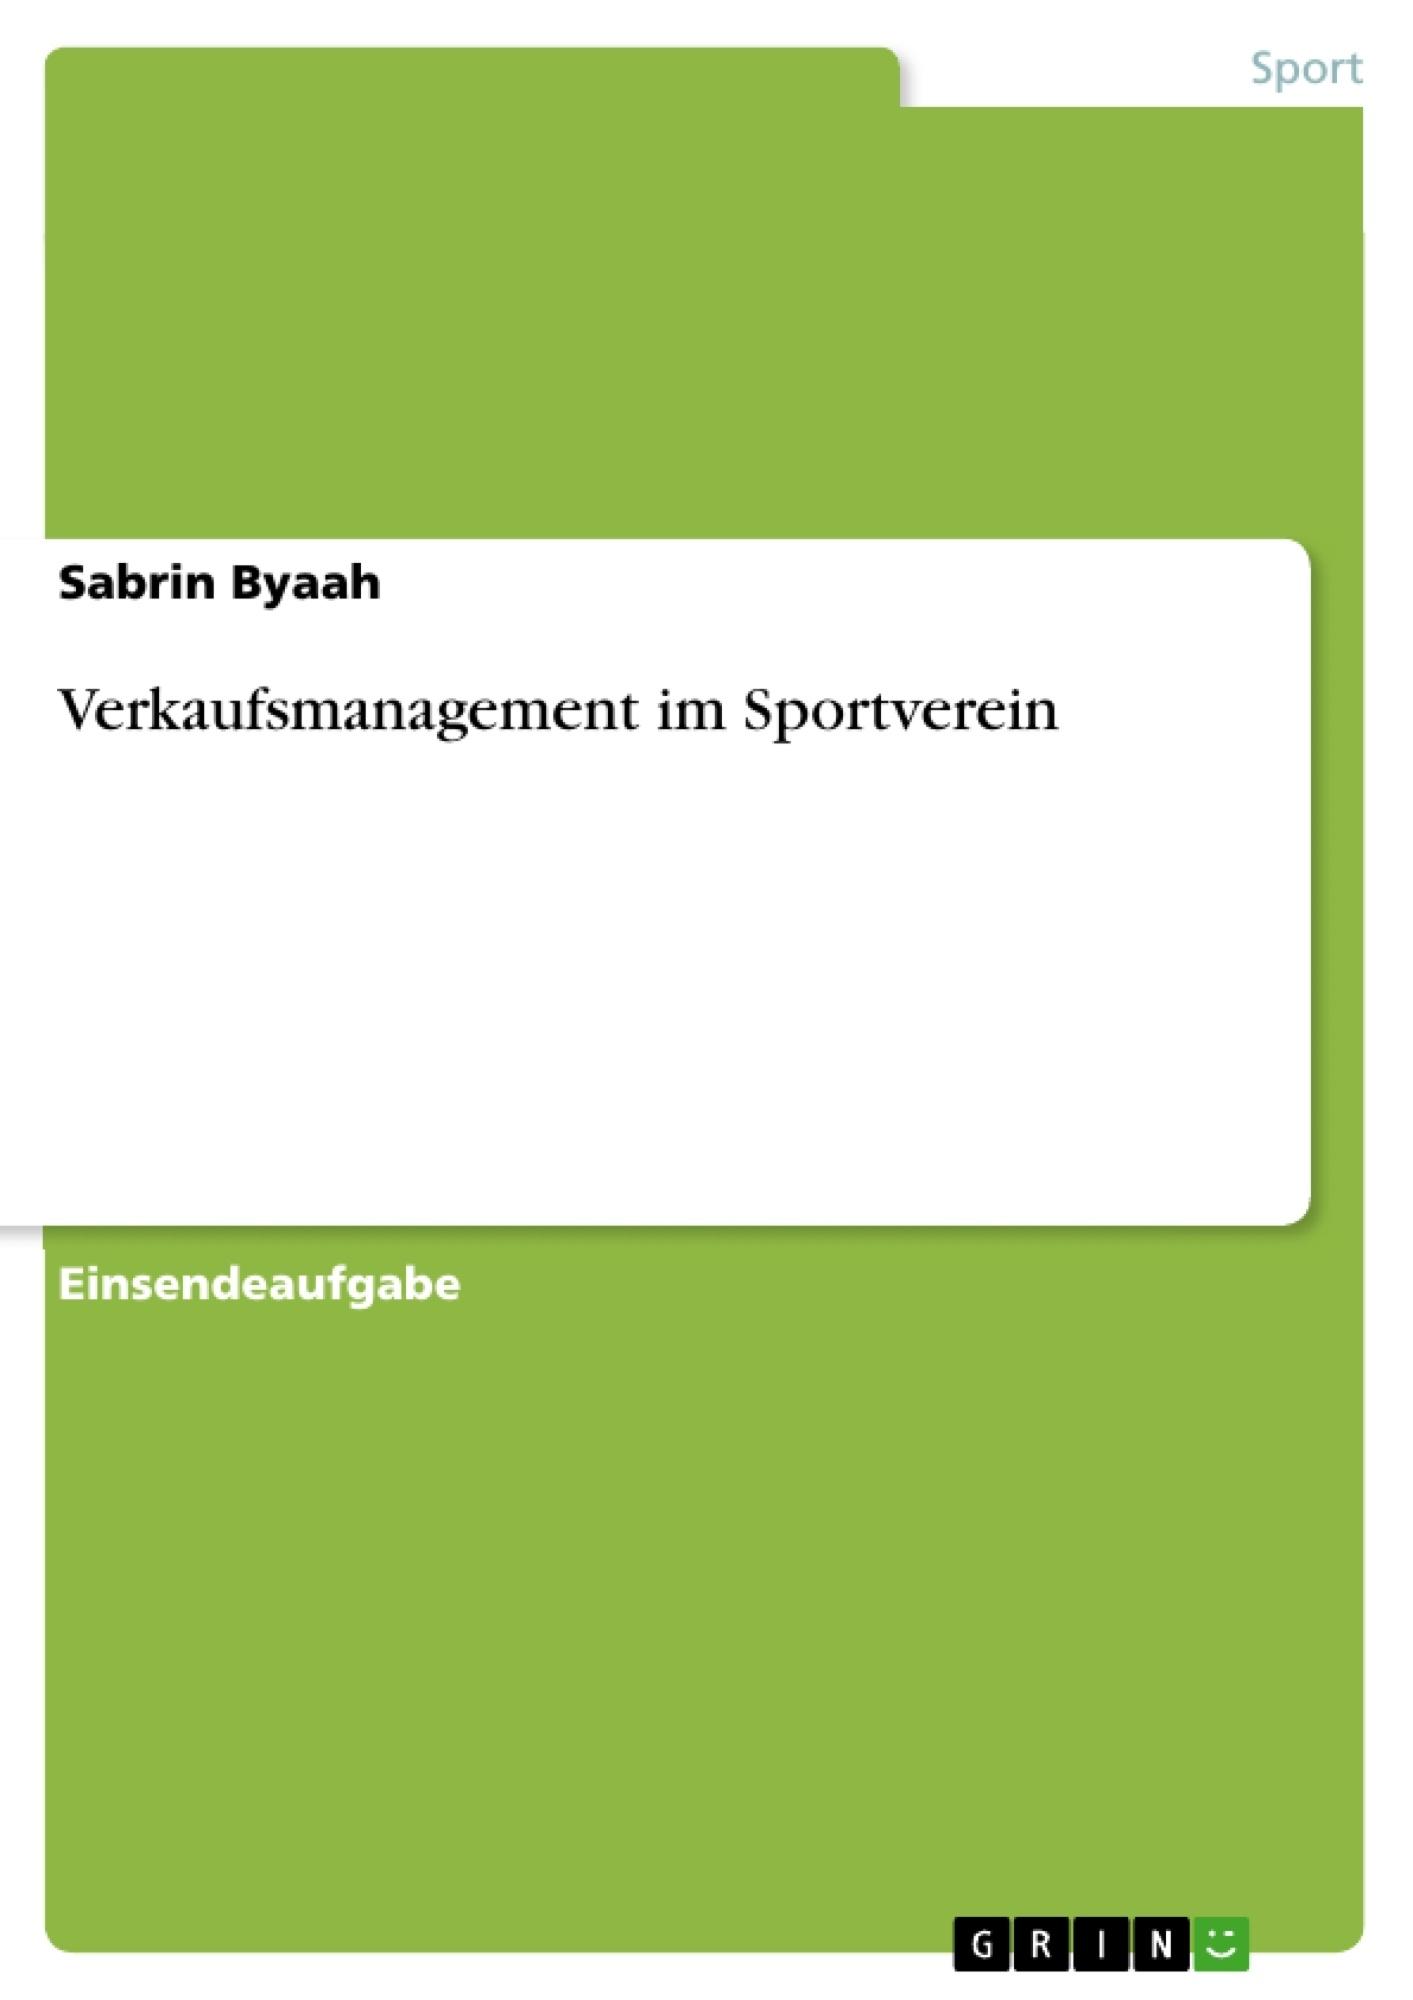 Titel: Verkaufsmanagement im Sportverein